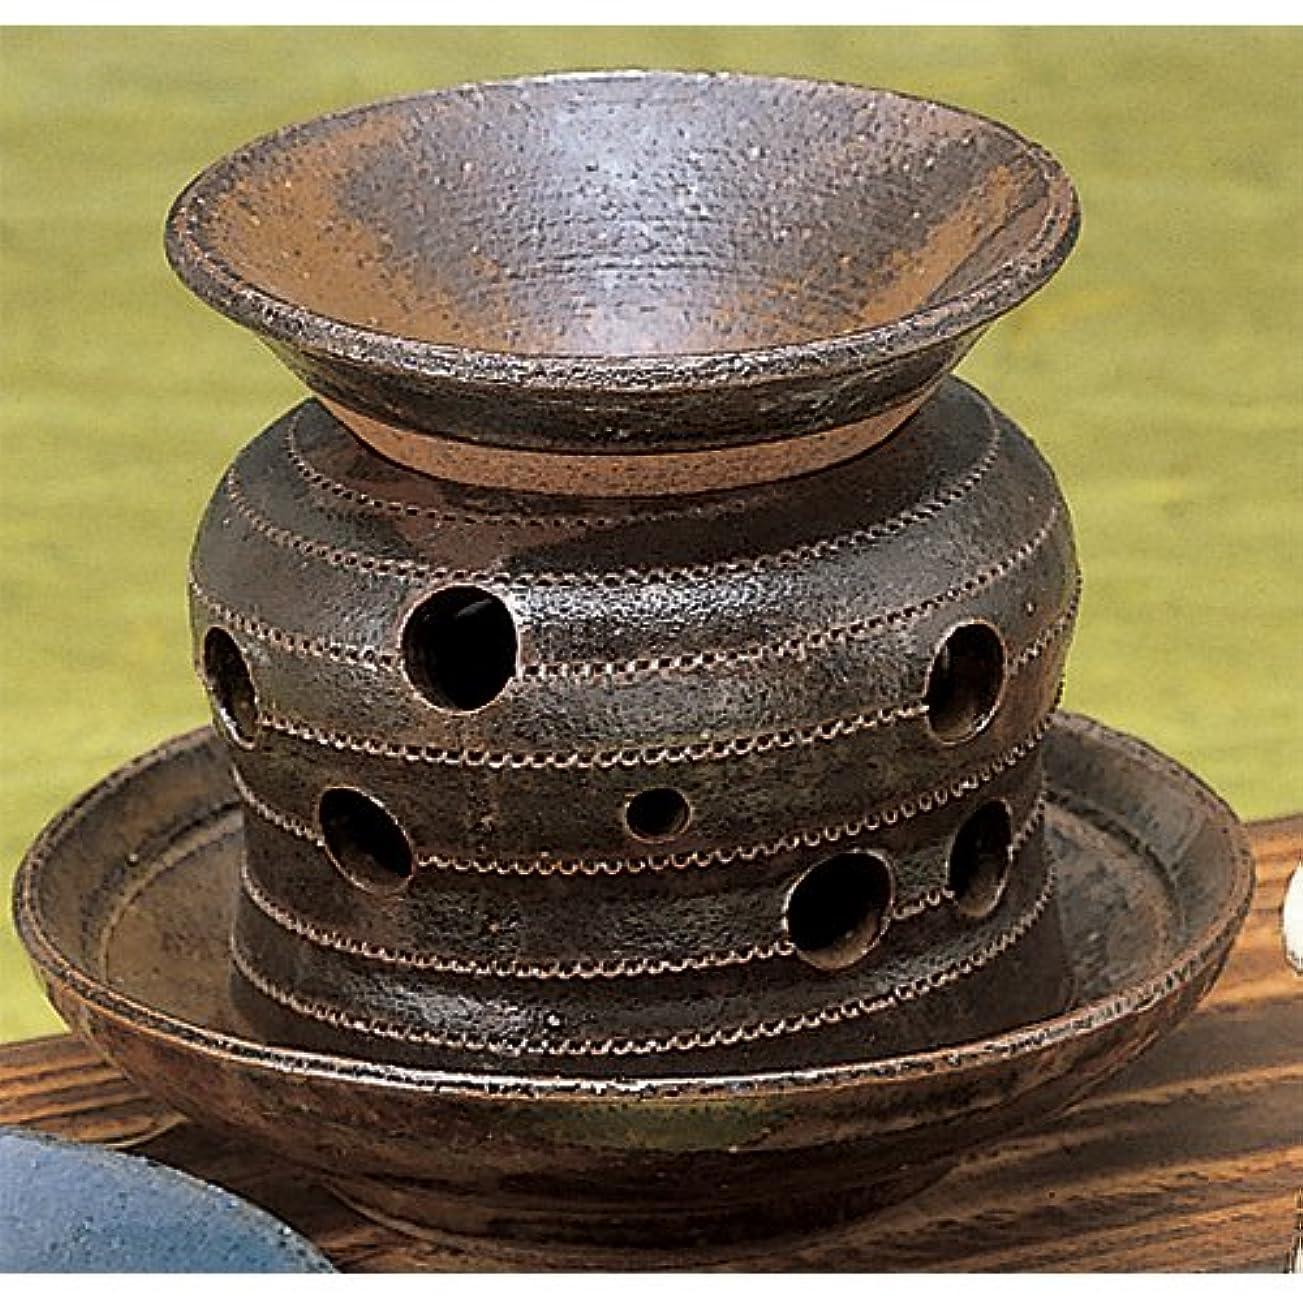 散髪教育現実的香炉 灰流し 茶香炉 [R13xH10.5cm] プレゼント ギフト 和食器 かわいい インテリア